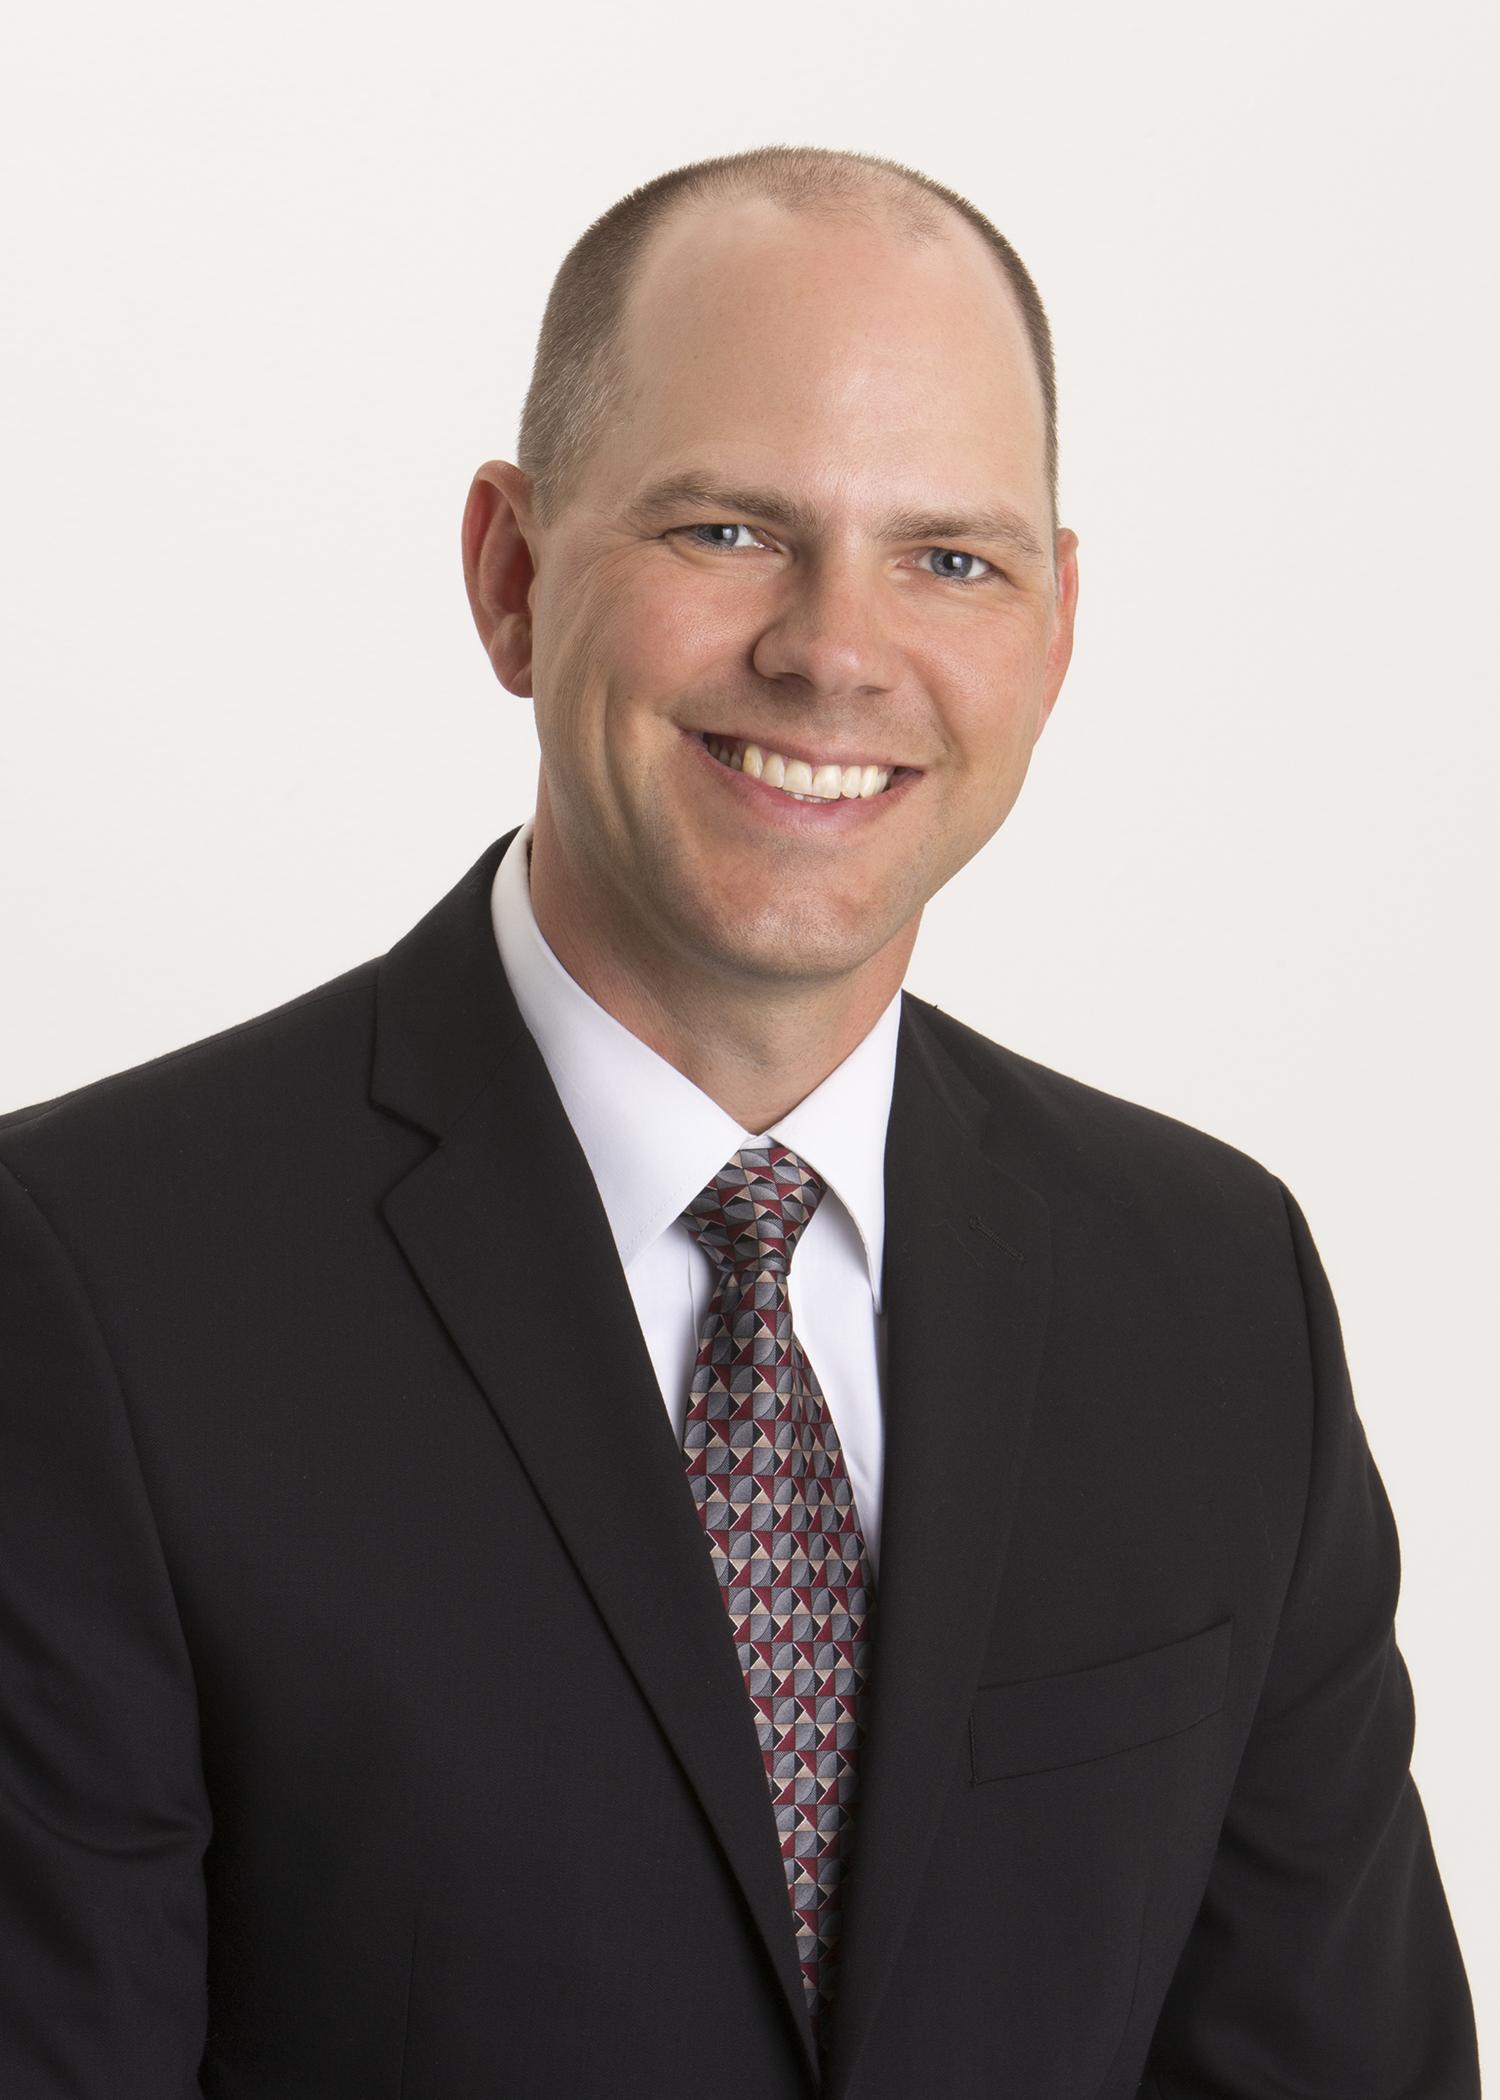 Jeff Kaus